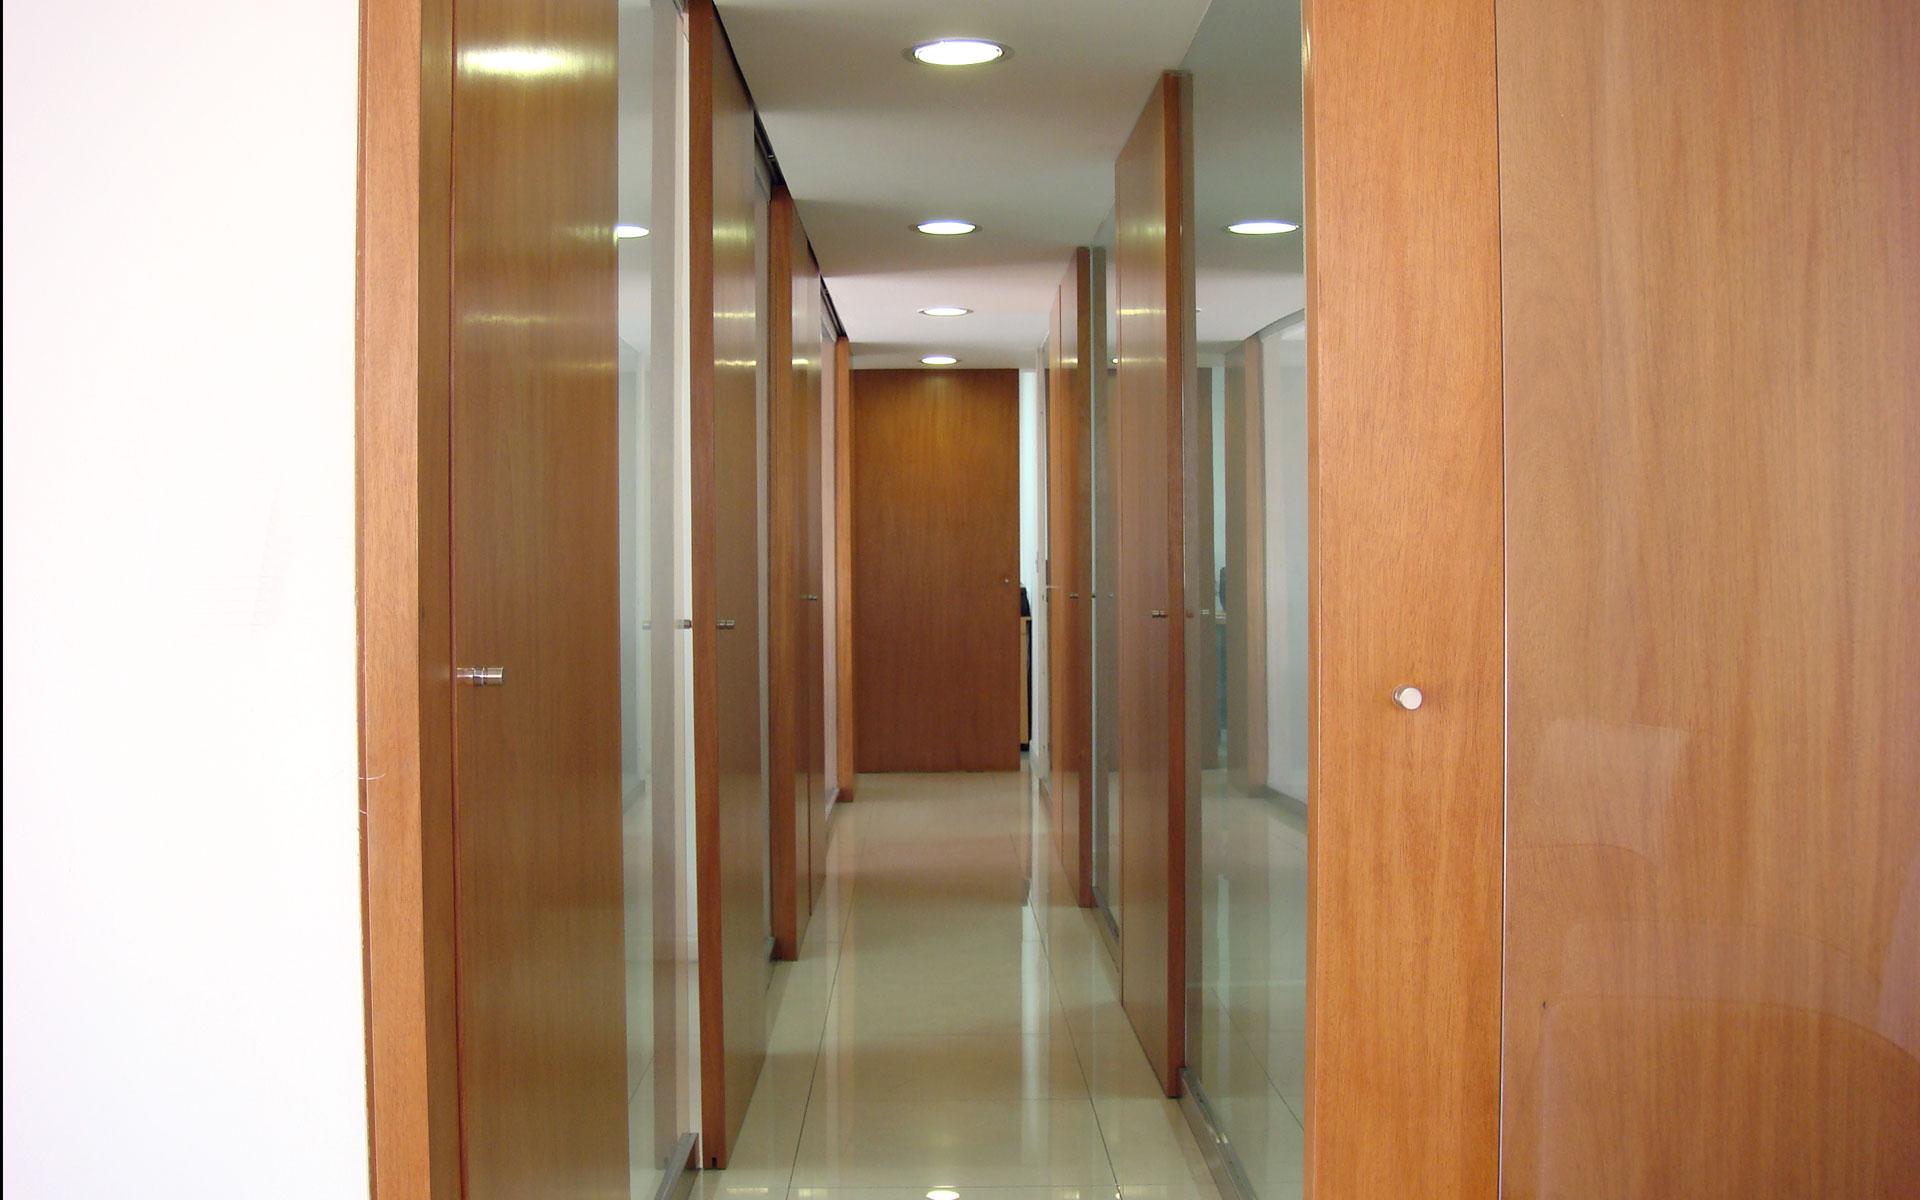 diseño interior, reforma oficina, sistema puertas madera y paneles de vidrio